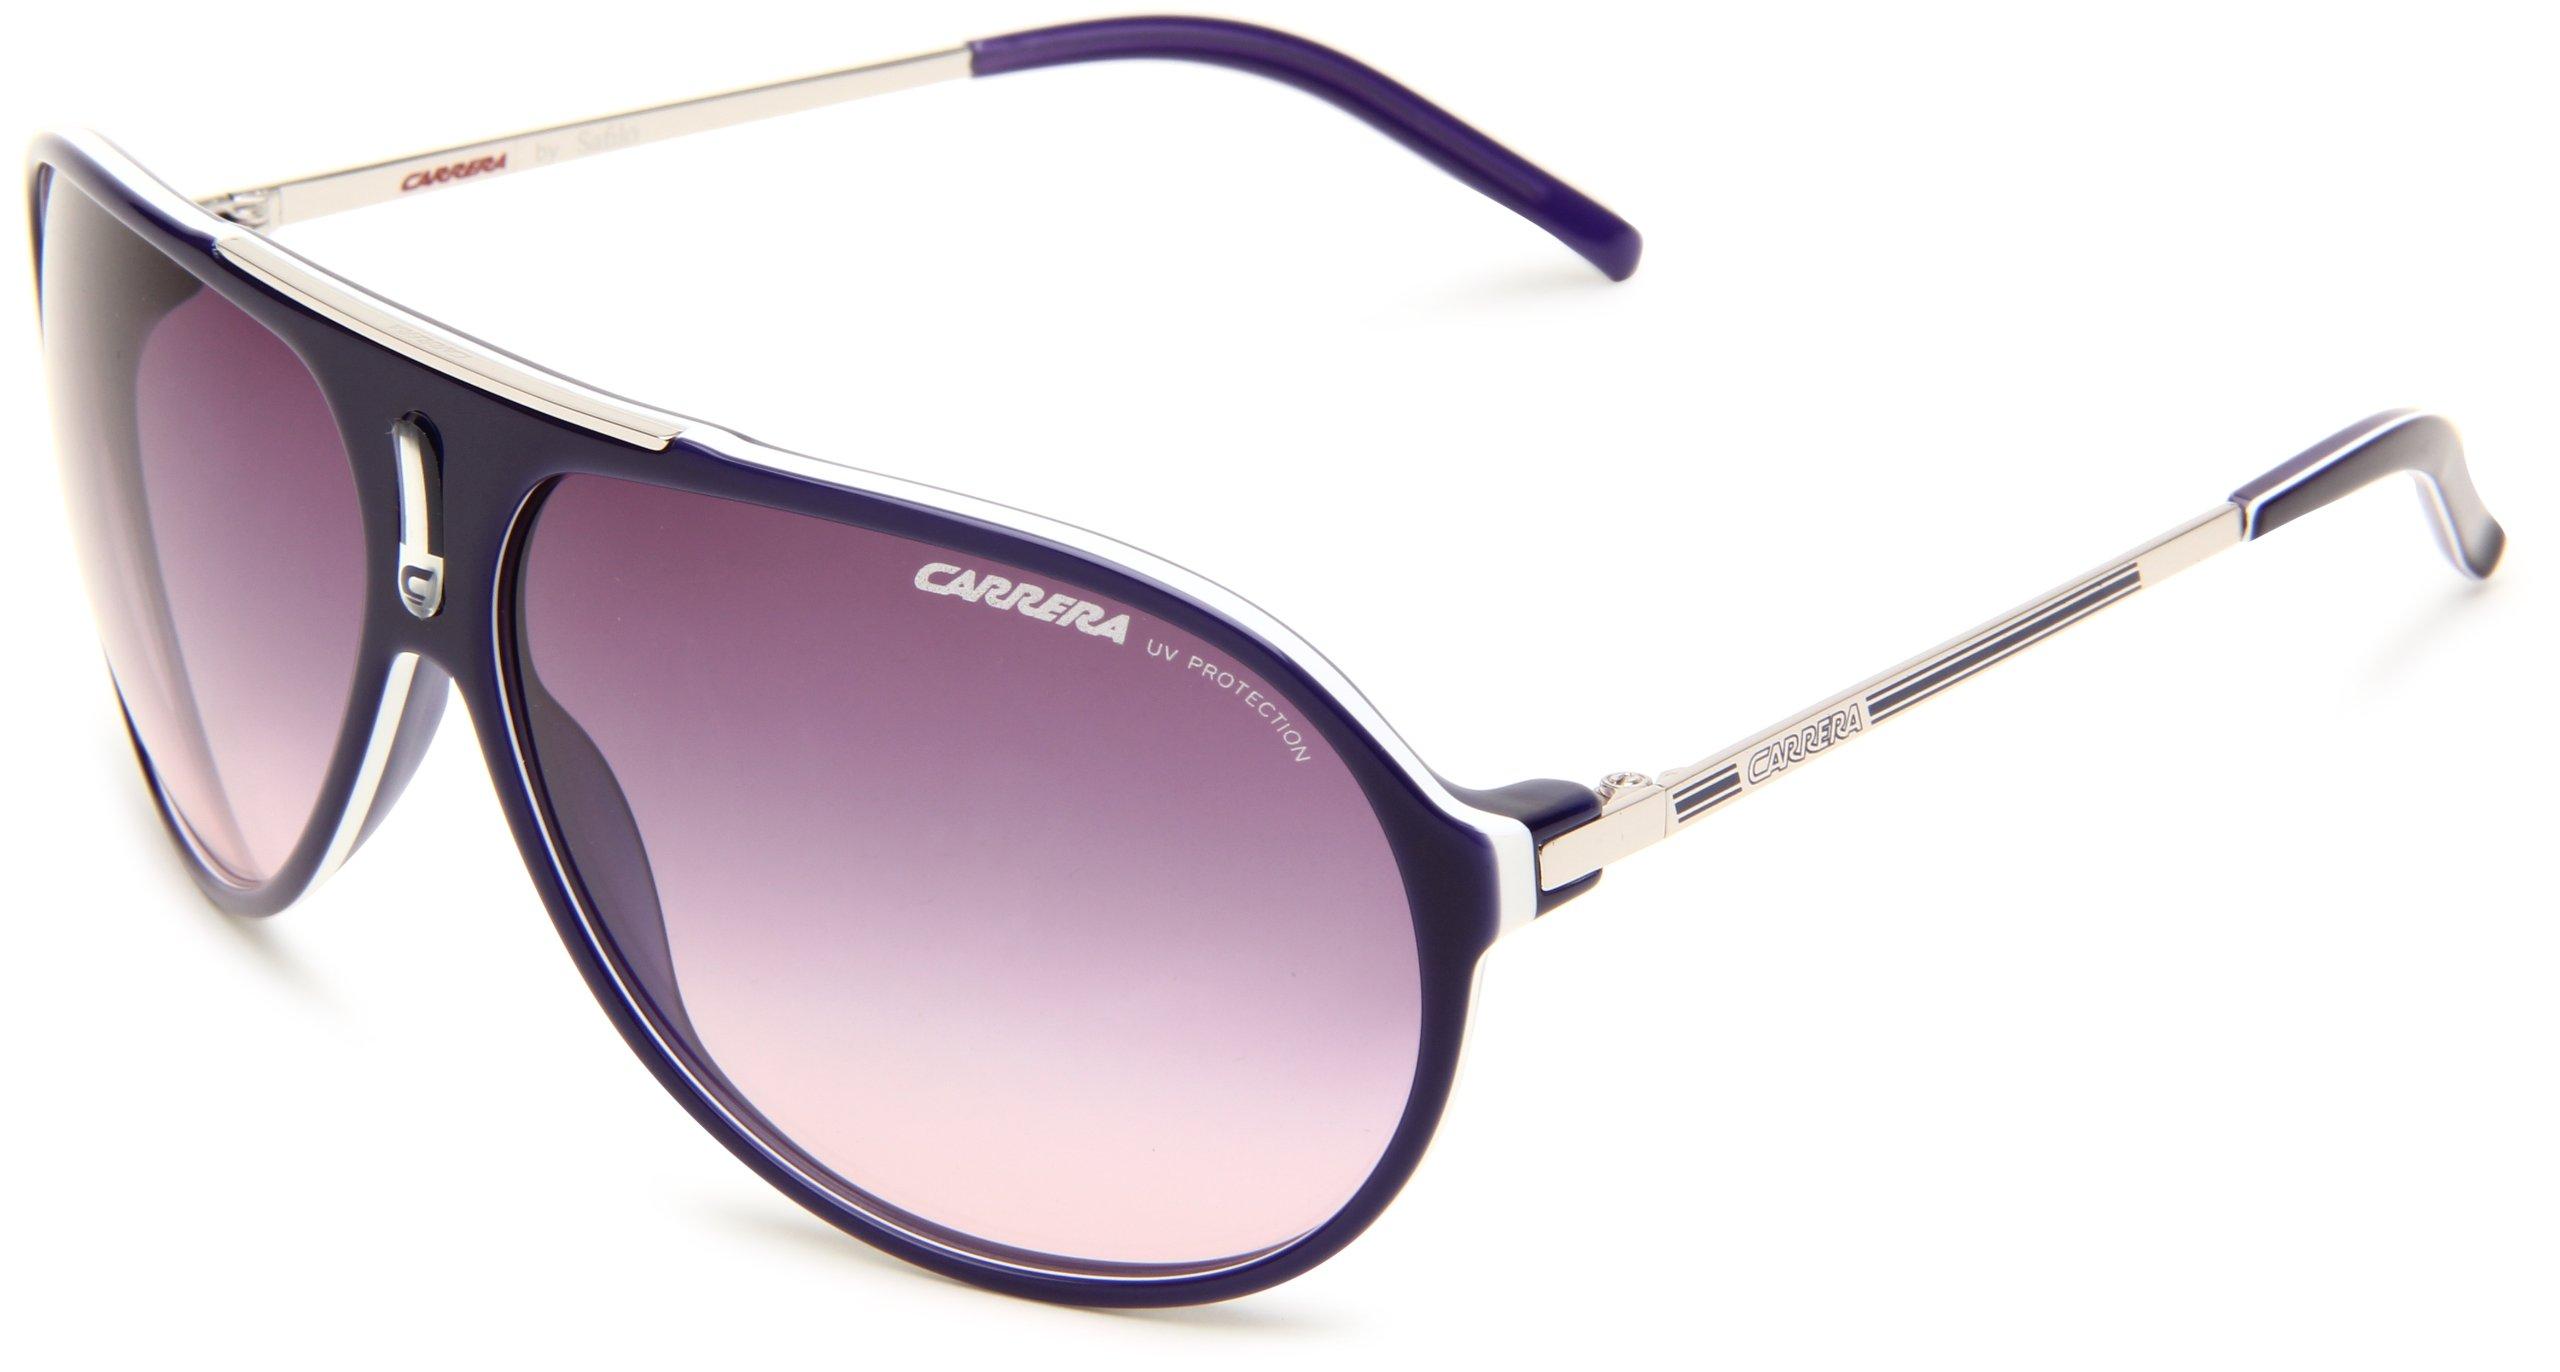 92d27316ce82 Carrera Hot Aviator Sunglasses | Jodyshop